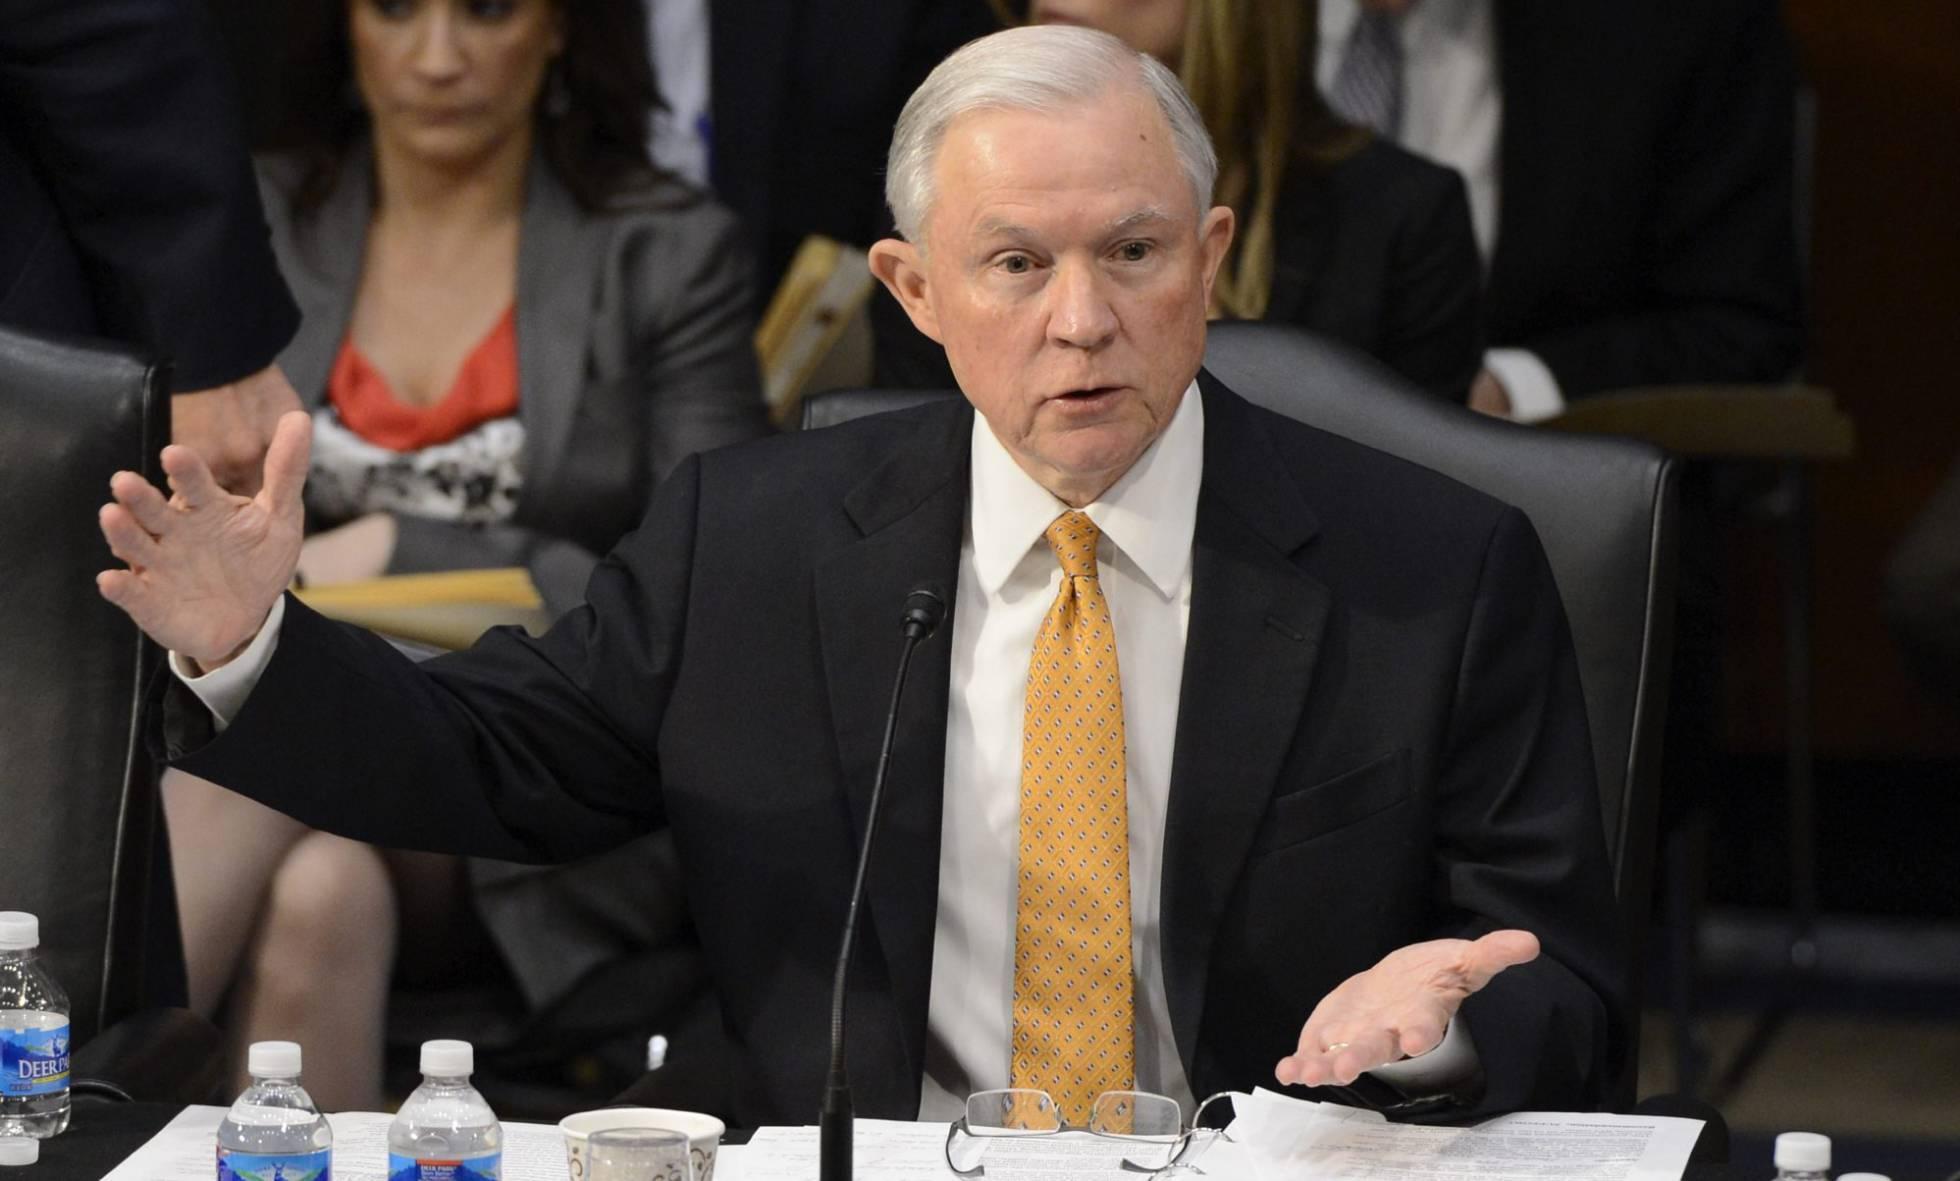 Senador Jeff Sessions, designado como Procurador General de Justicia. Es racista y xenófobo.